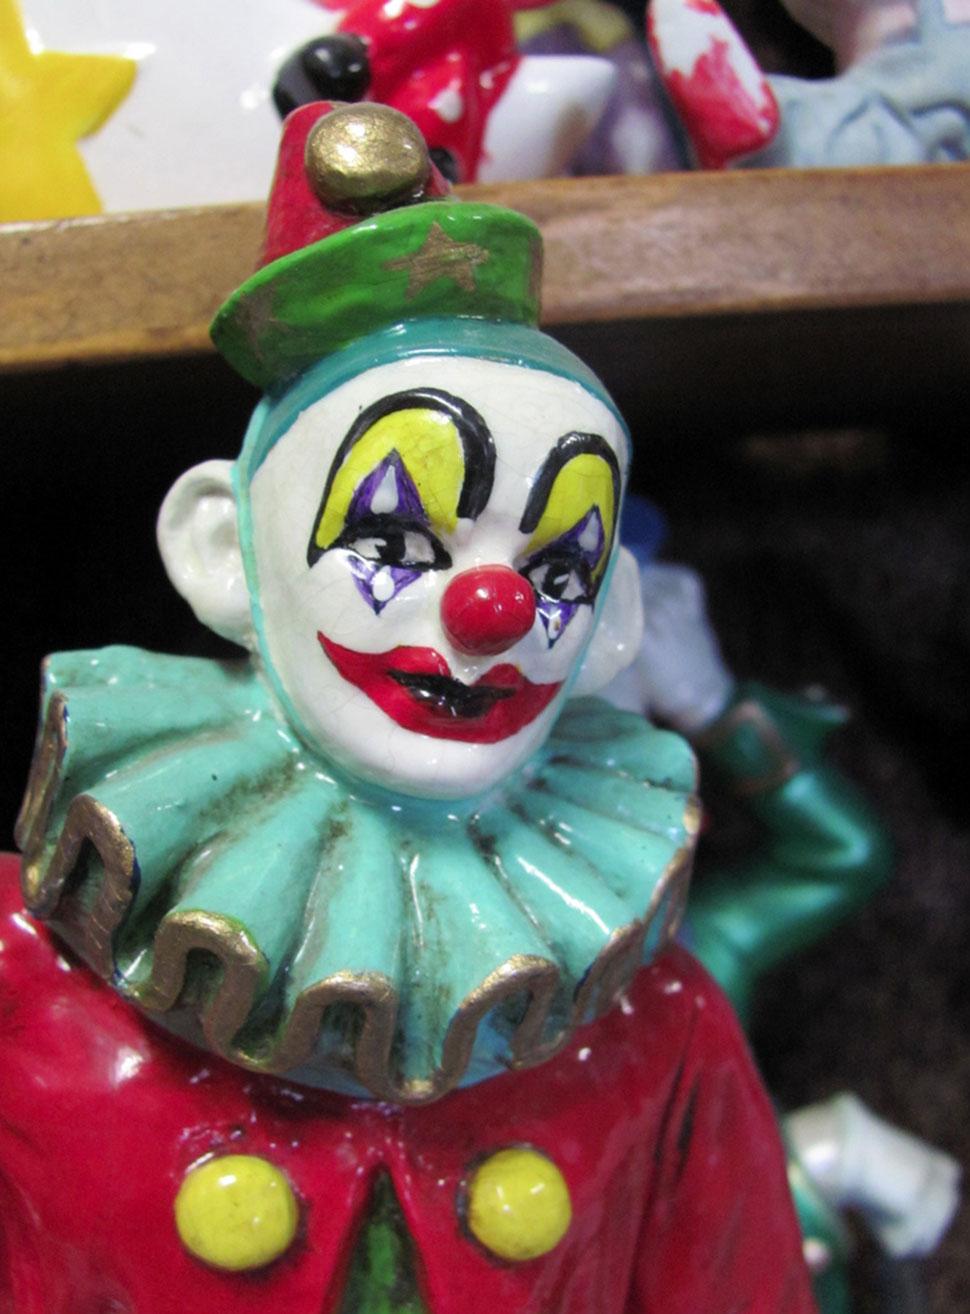 Мотель клоунов, где сны всегда сладкие, как сахарная вата (14 фото)